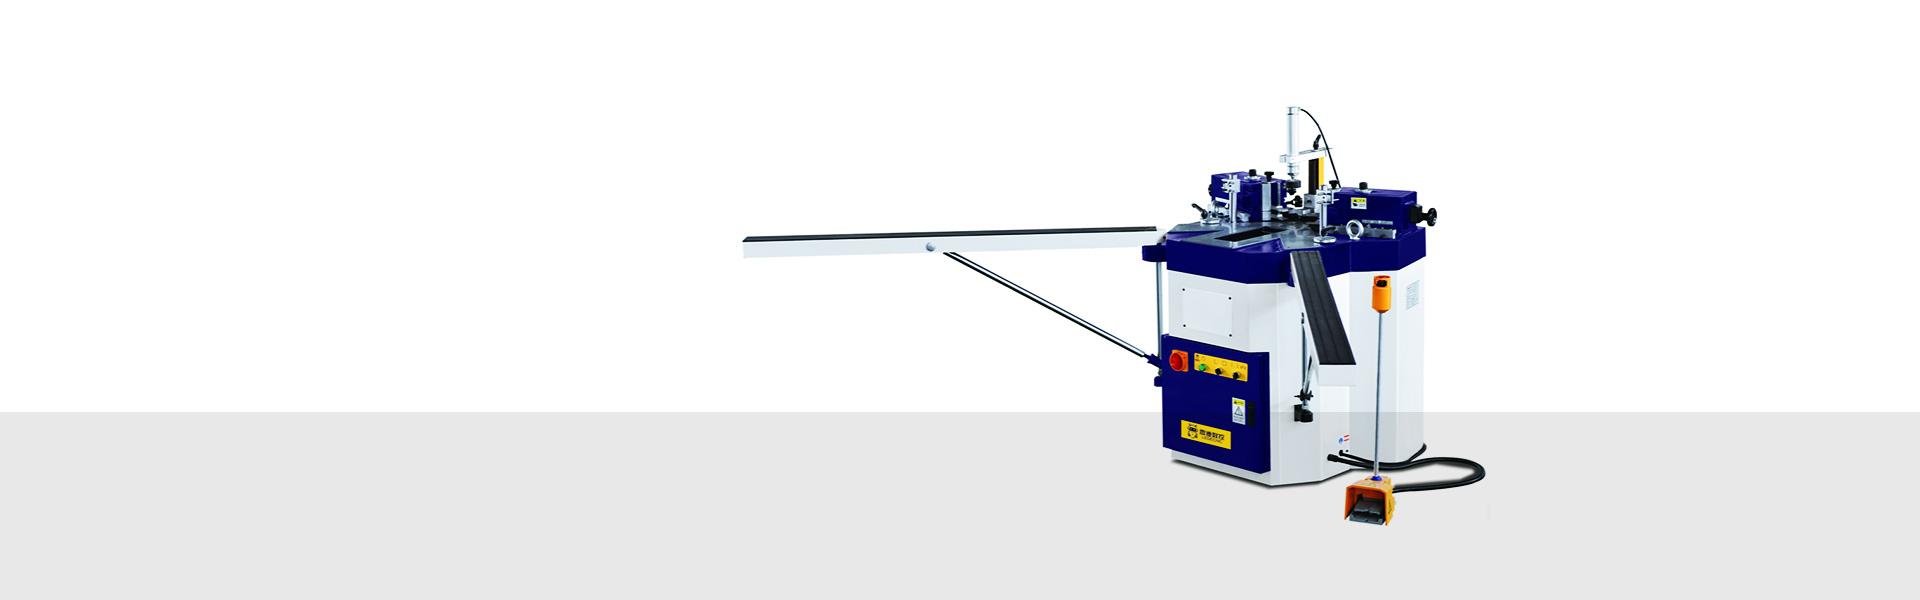 气动组角机 Spinel 160